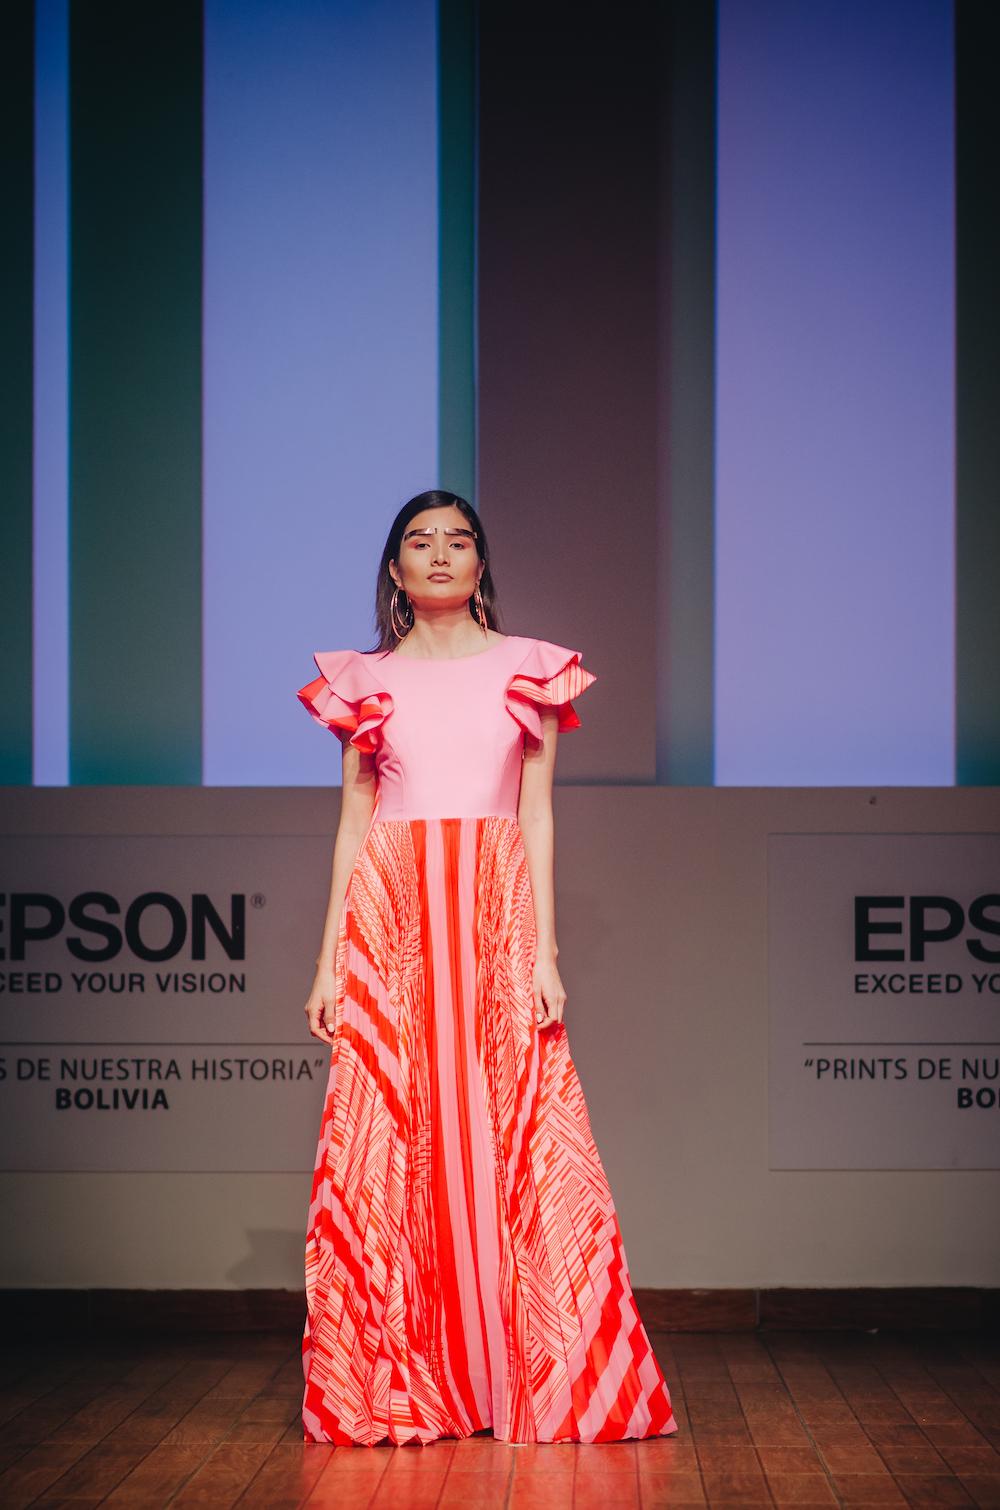 Repasando el desfile Epson Bolivia organizado por VisteLaCalle: Maria Luisina